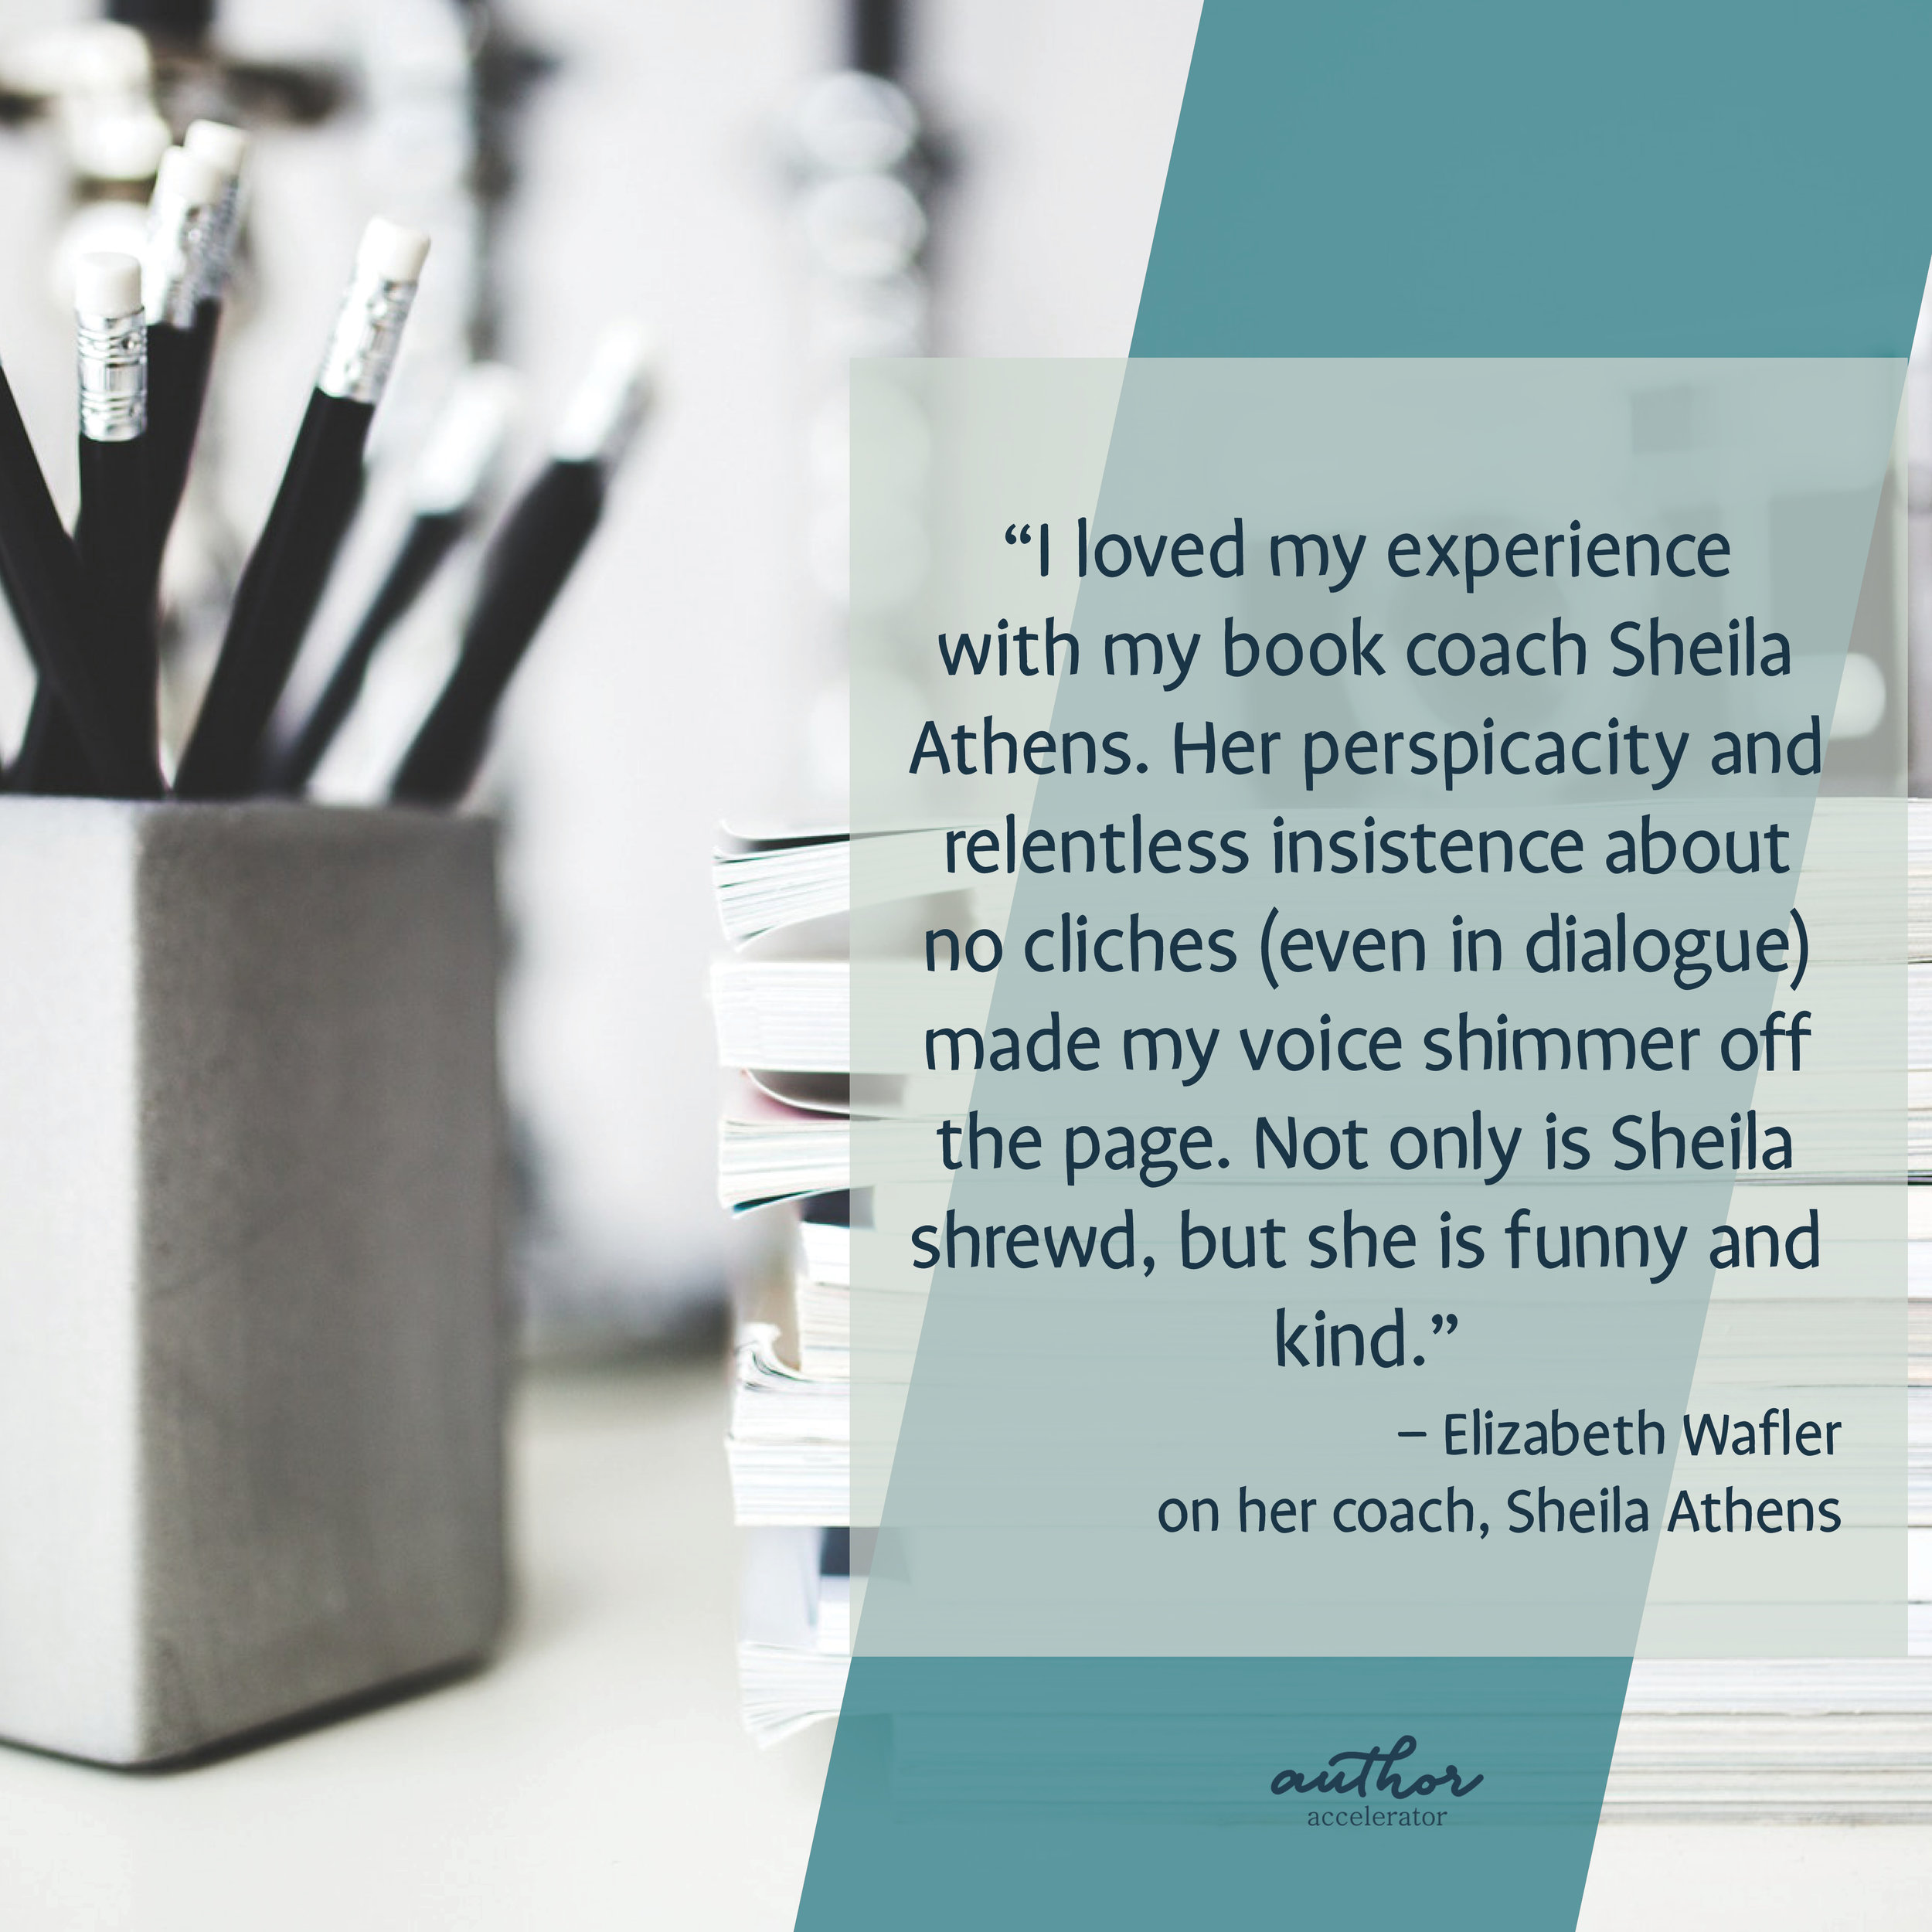 coach_sheila_athens_elizabeth_wafler.jpg